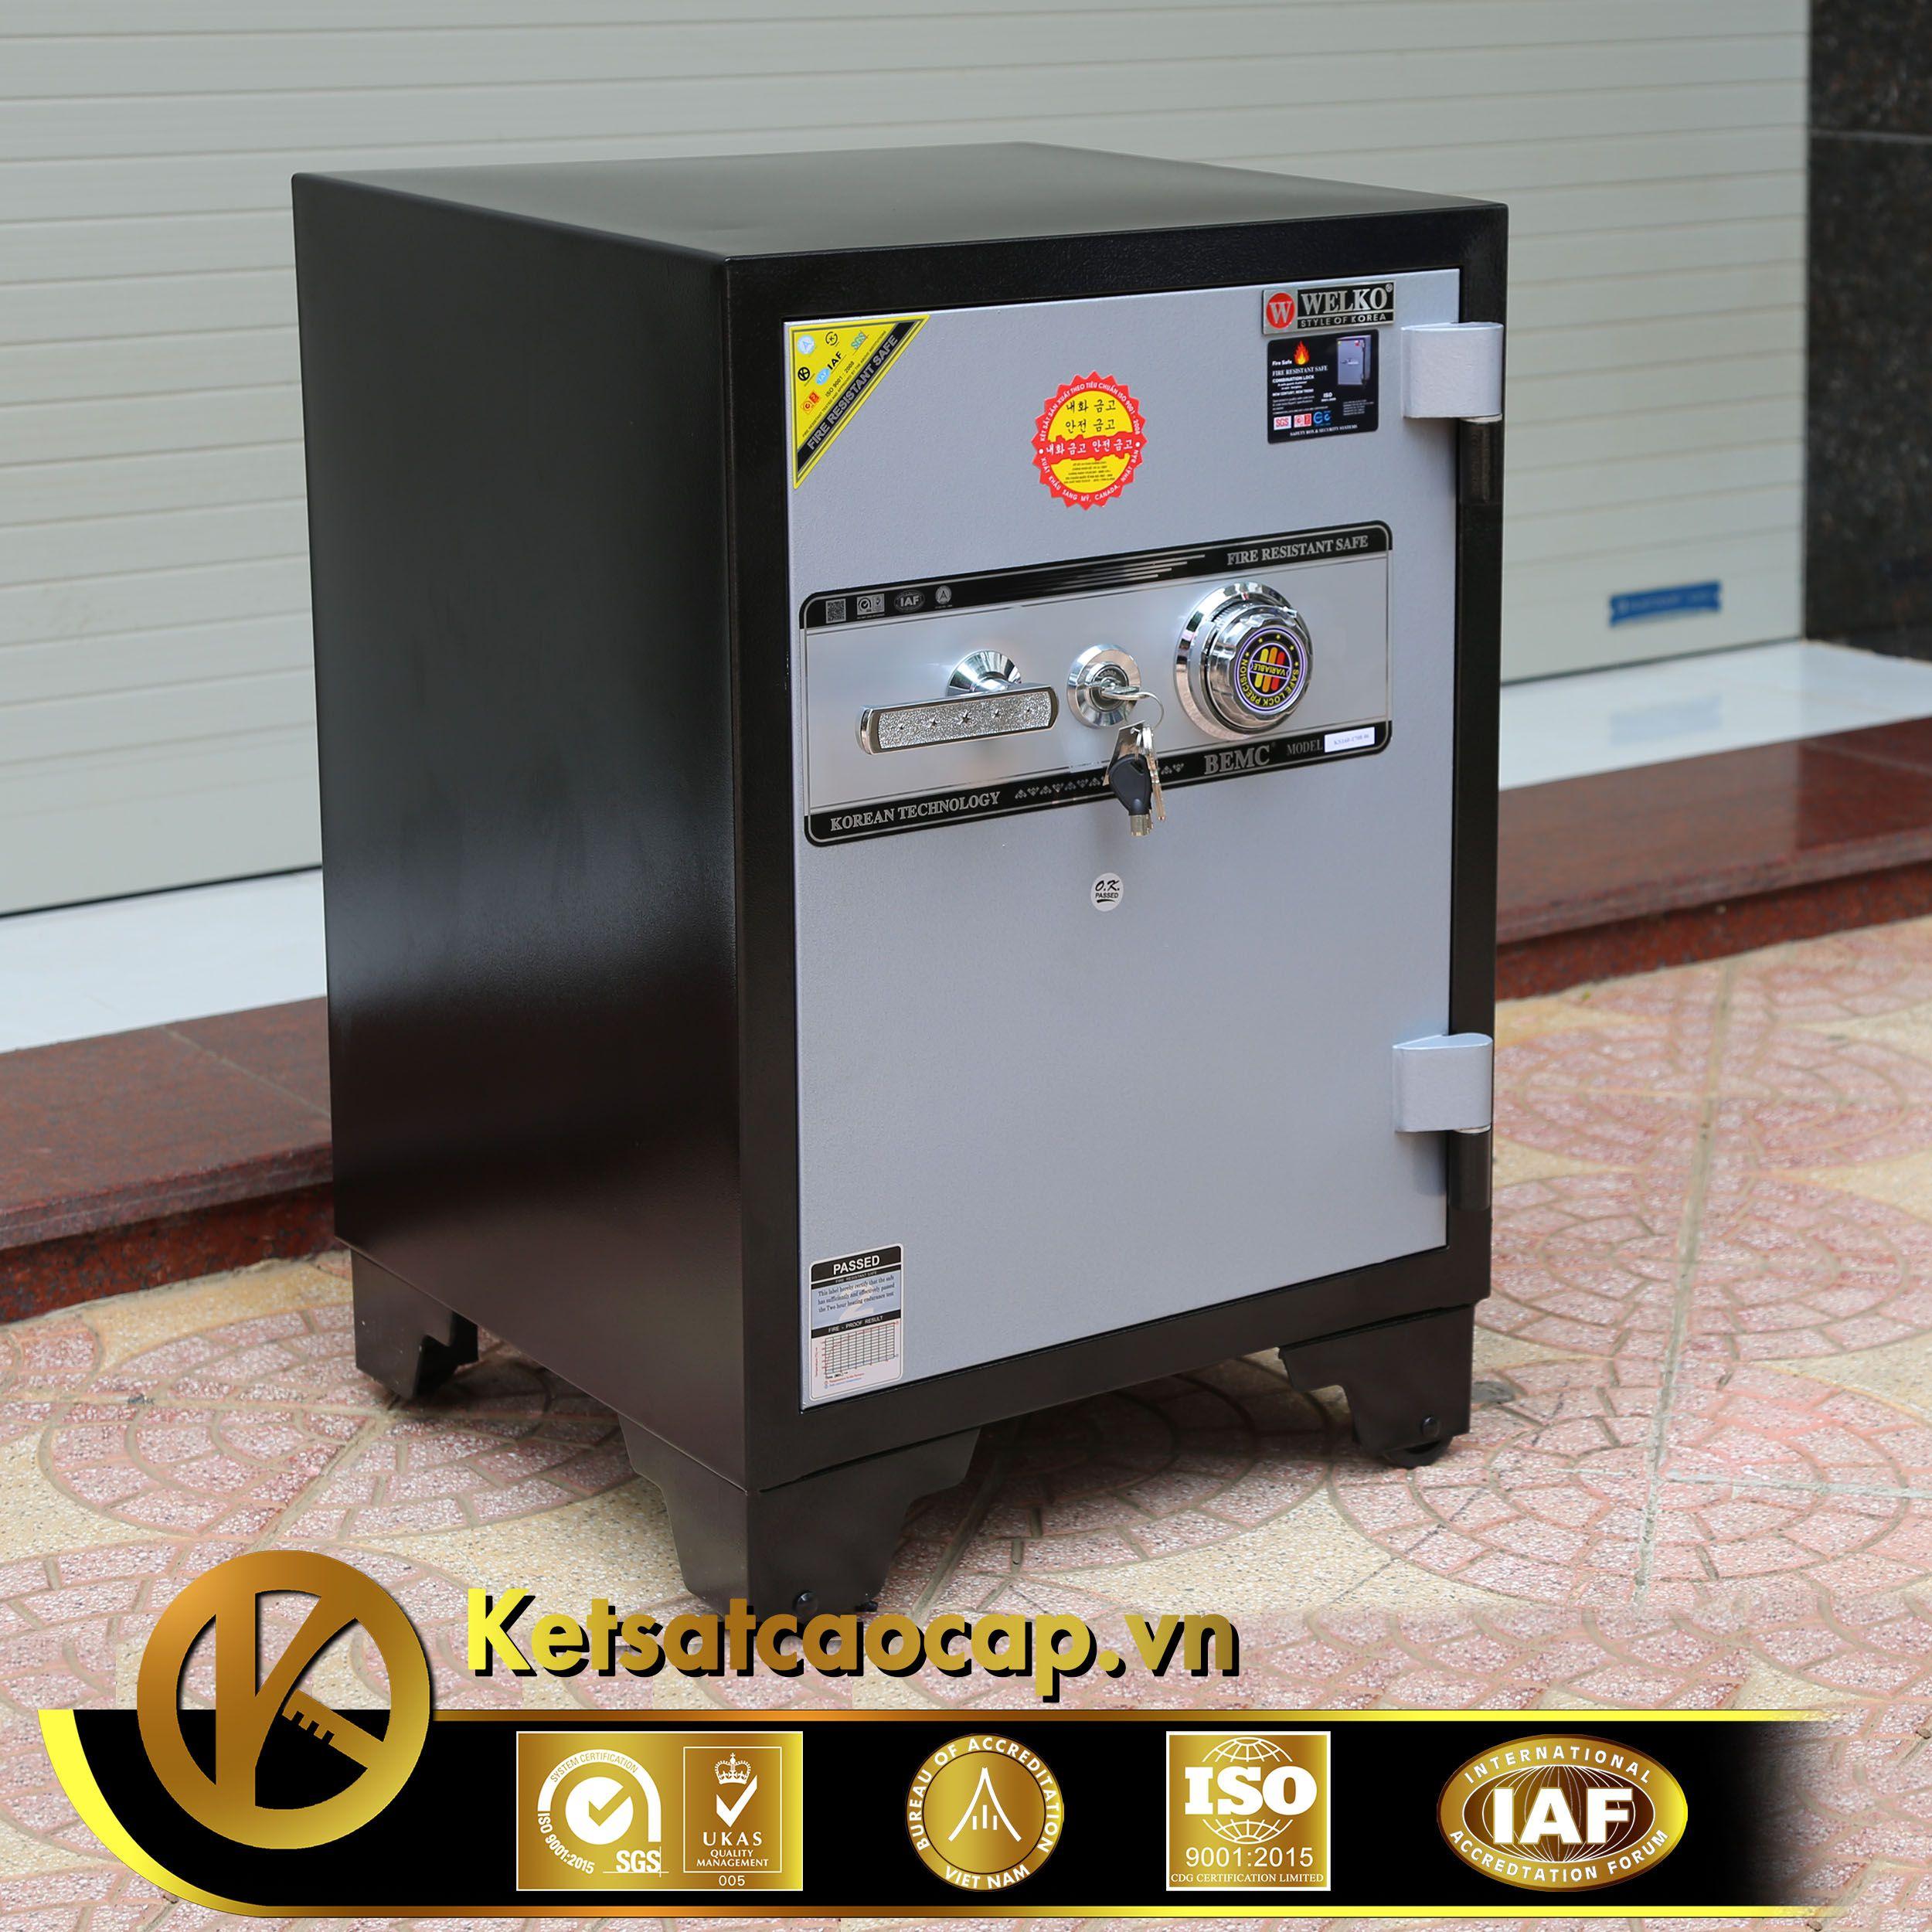 đặc điểm sản phẩm Két sắt văn phòng cao cấp KS160B-Series Khóa cơ